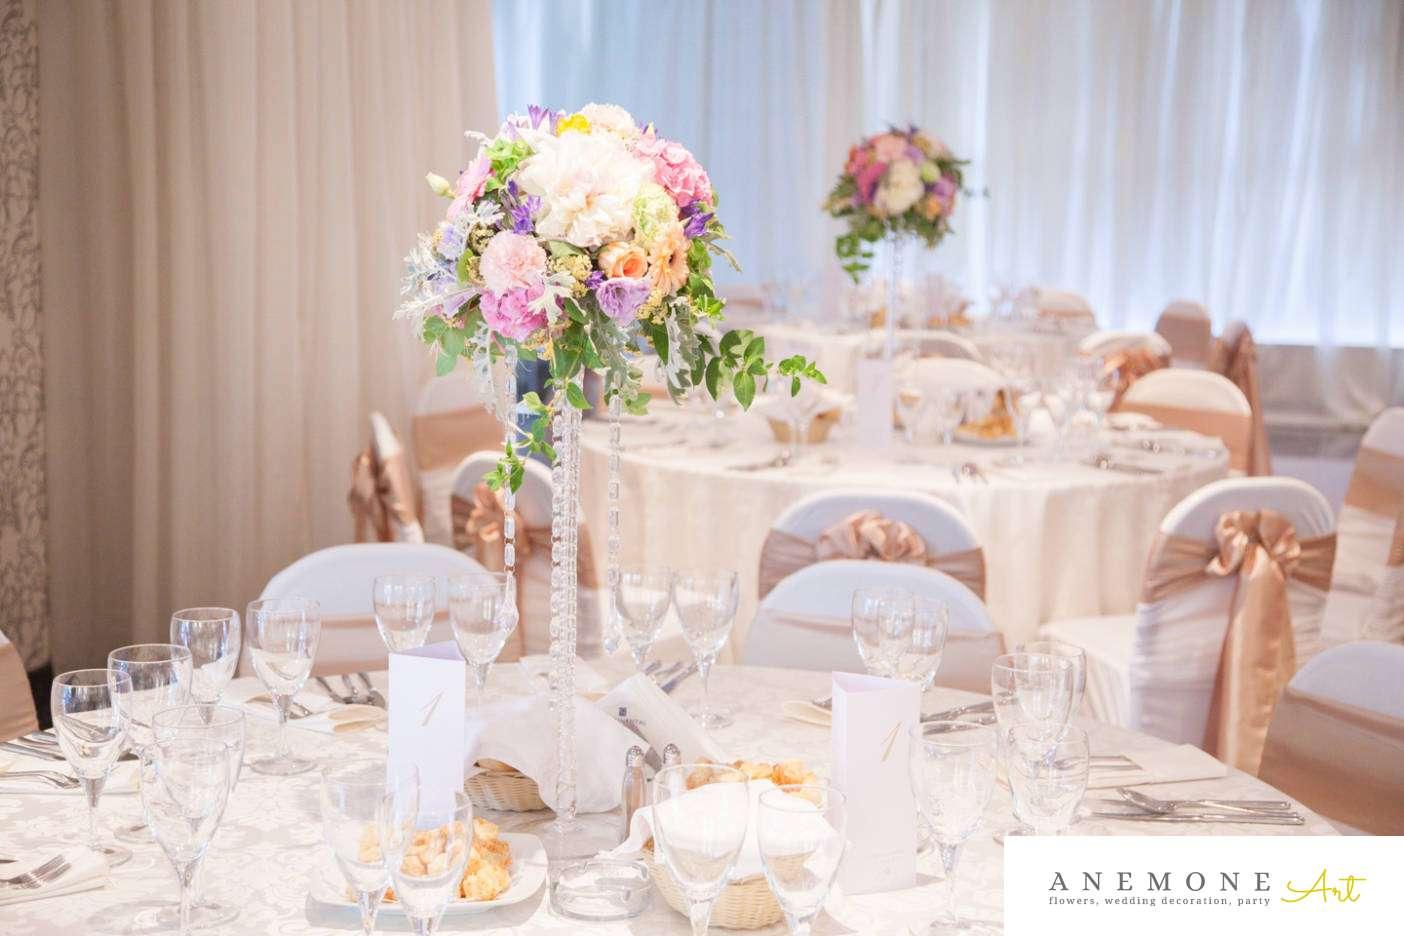 Poza, foto cu Flori de nunta cristale, decor masa, hotel continental, piersica, roz in Arad, Timisoara, Oradea (wedding flowers, bouquets) nunta Arad, Timisoara, Oradea